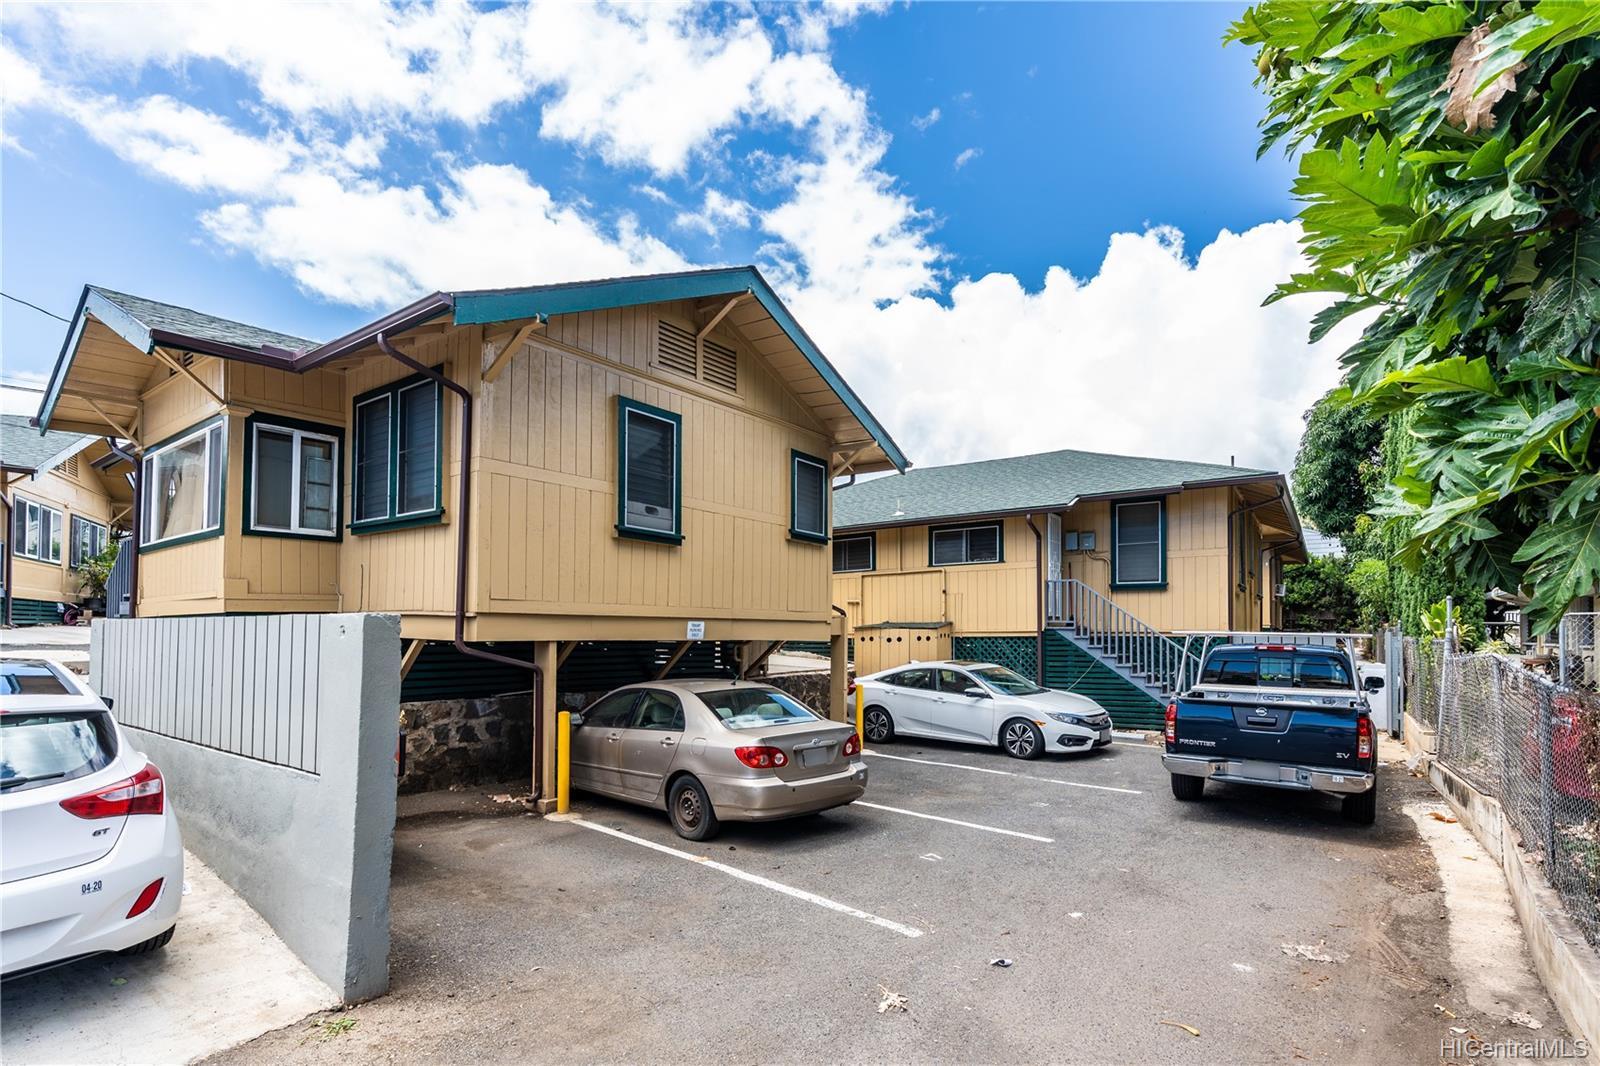 2816 Waialae Ave Honolulu - Multi-family - photo 20 of 21